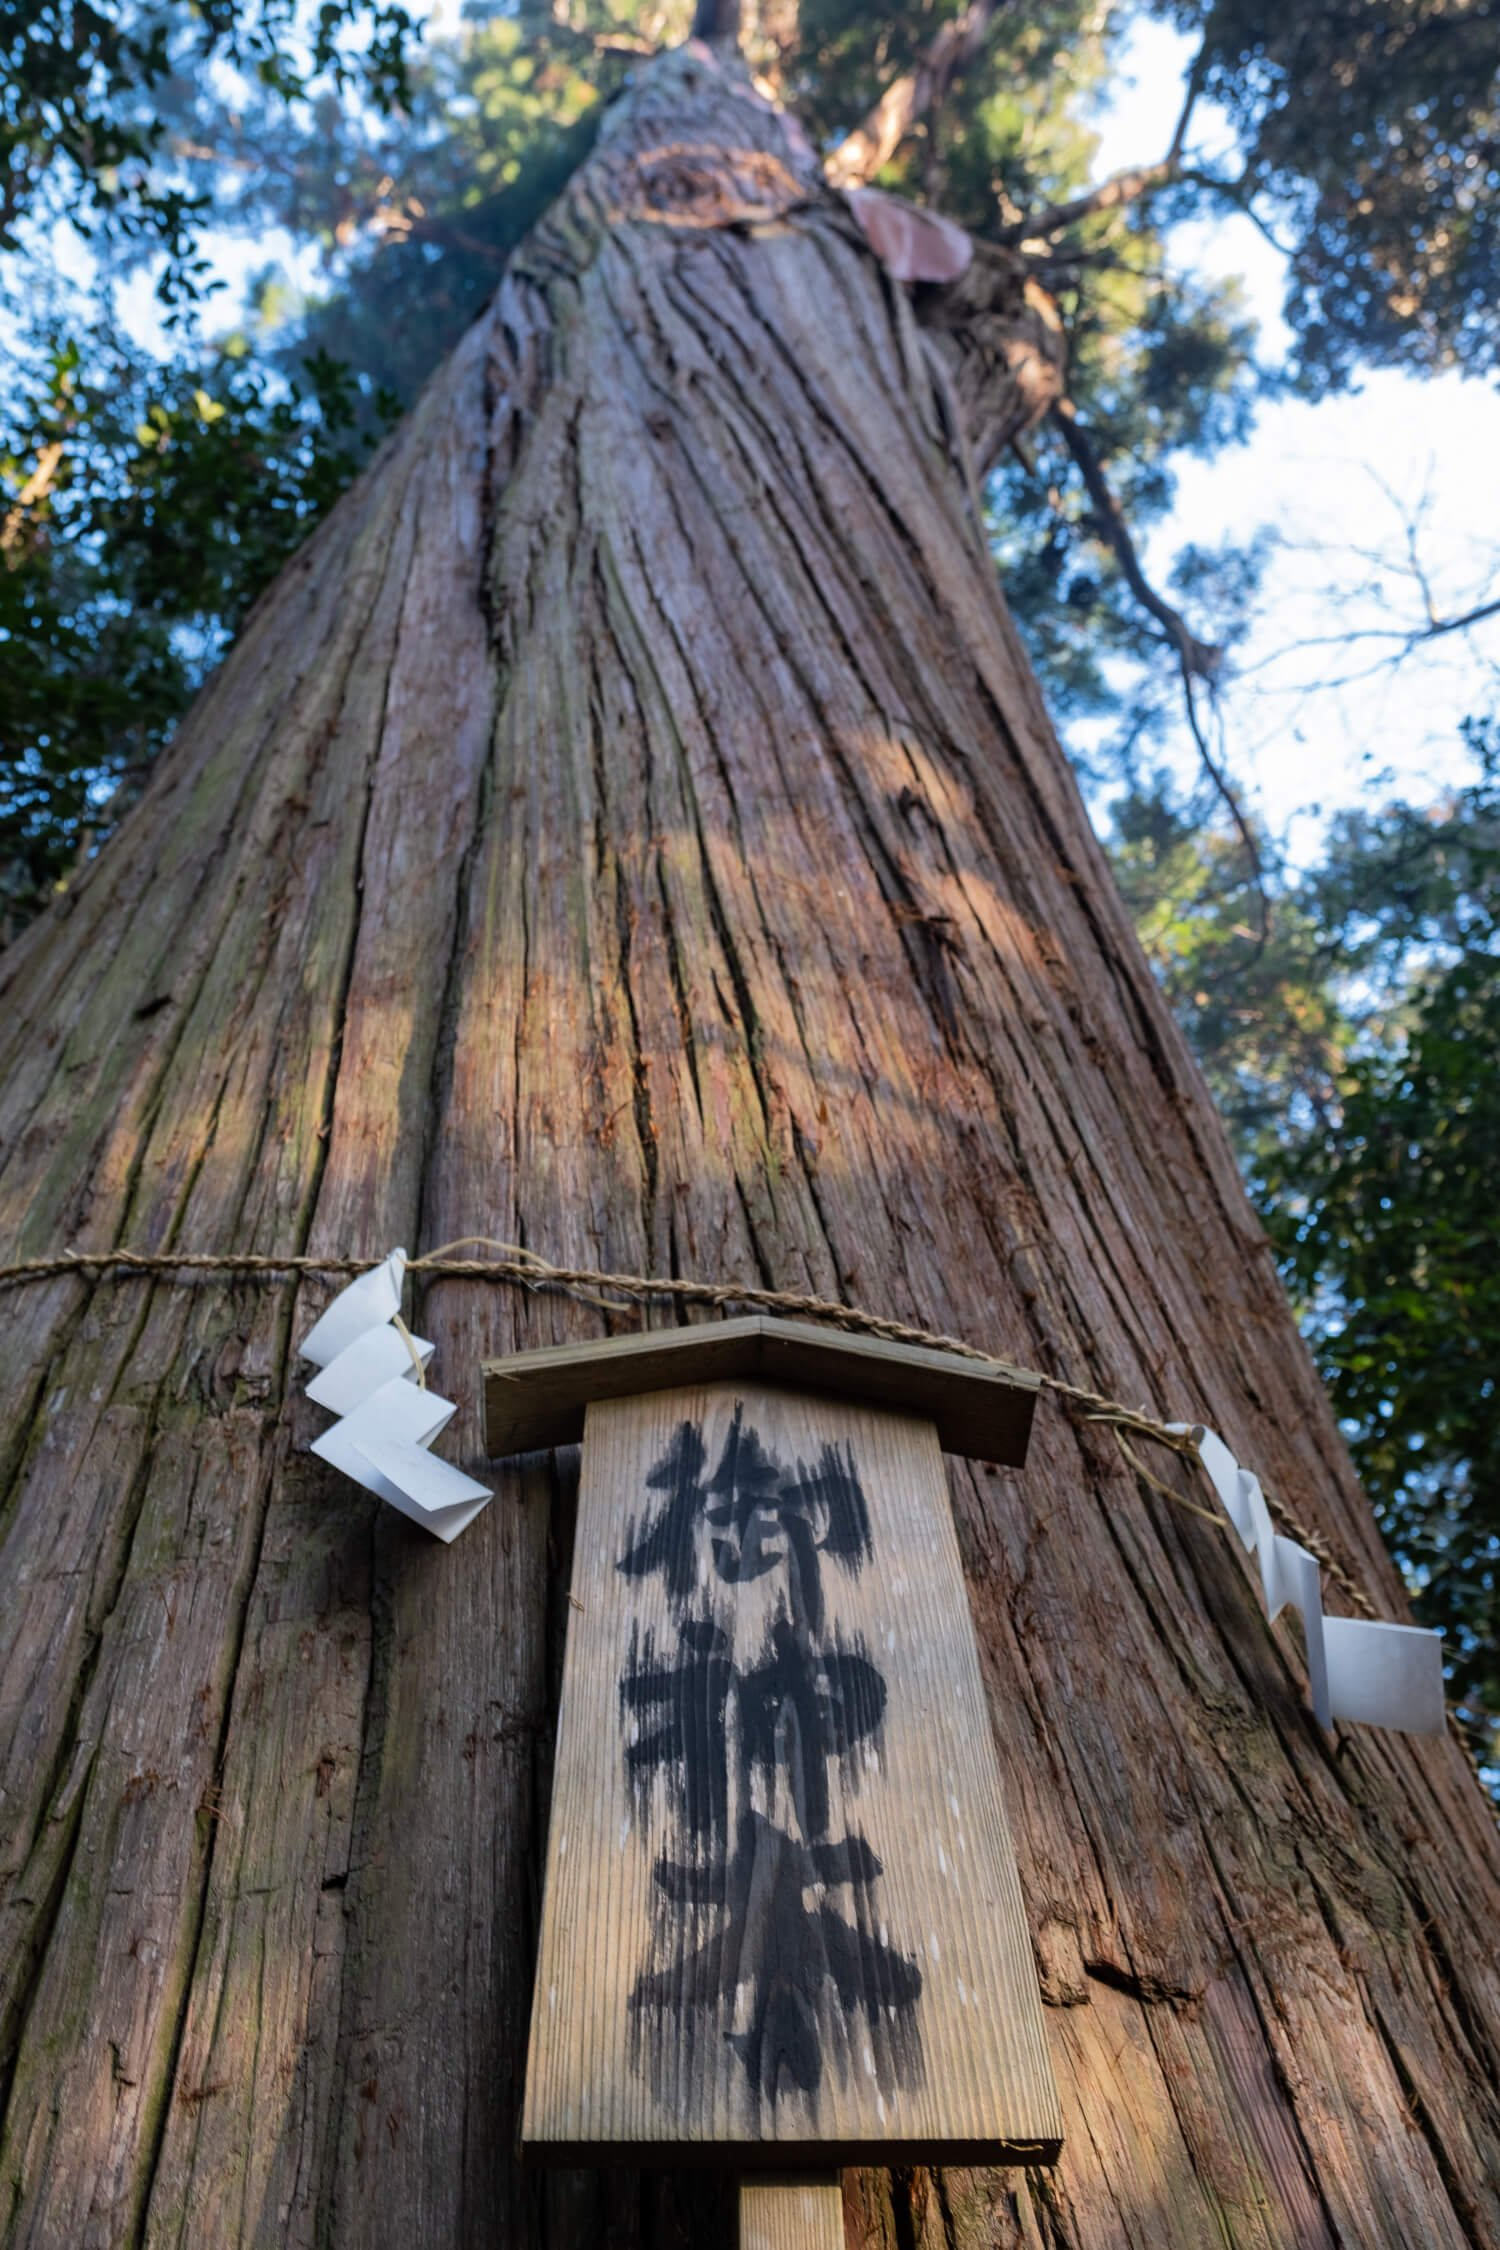 威風堂々と立つ大杉。見上げていると首が痛くなるほどの高さだ。